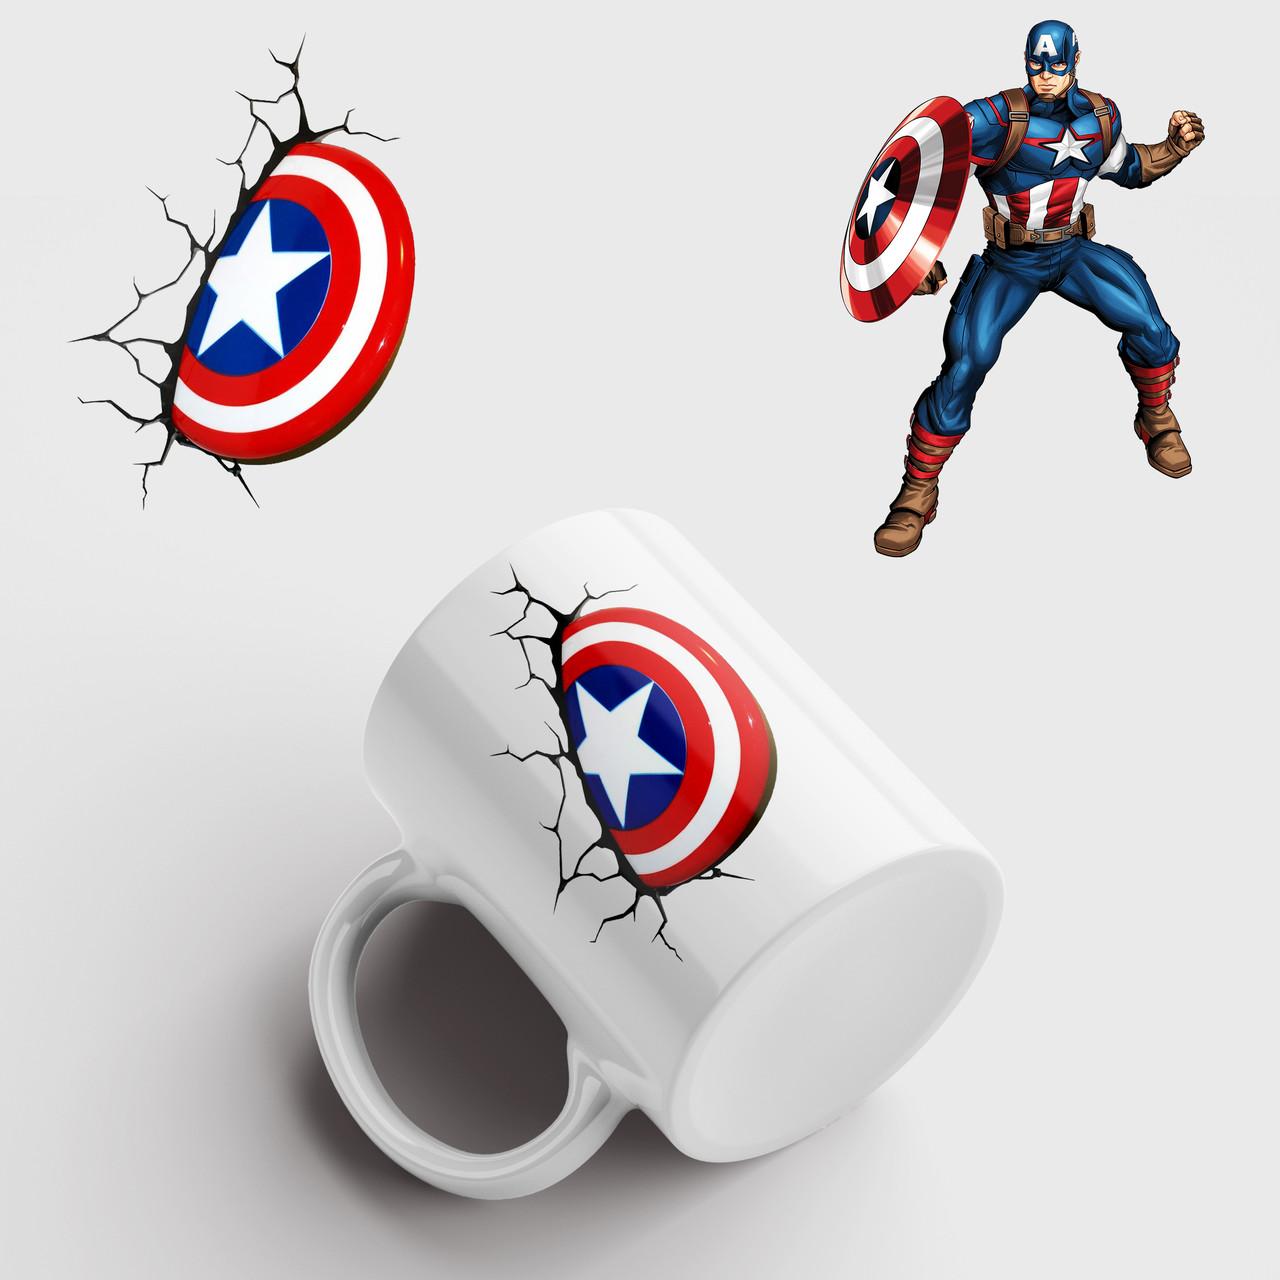 Кружка с принтом Человек паук. Чашка с принтом Spider-Man v15. Чашка с фото